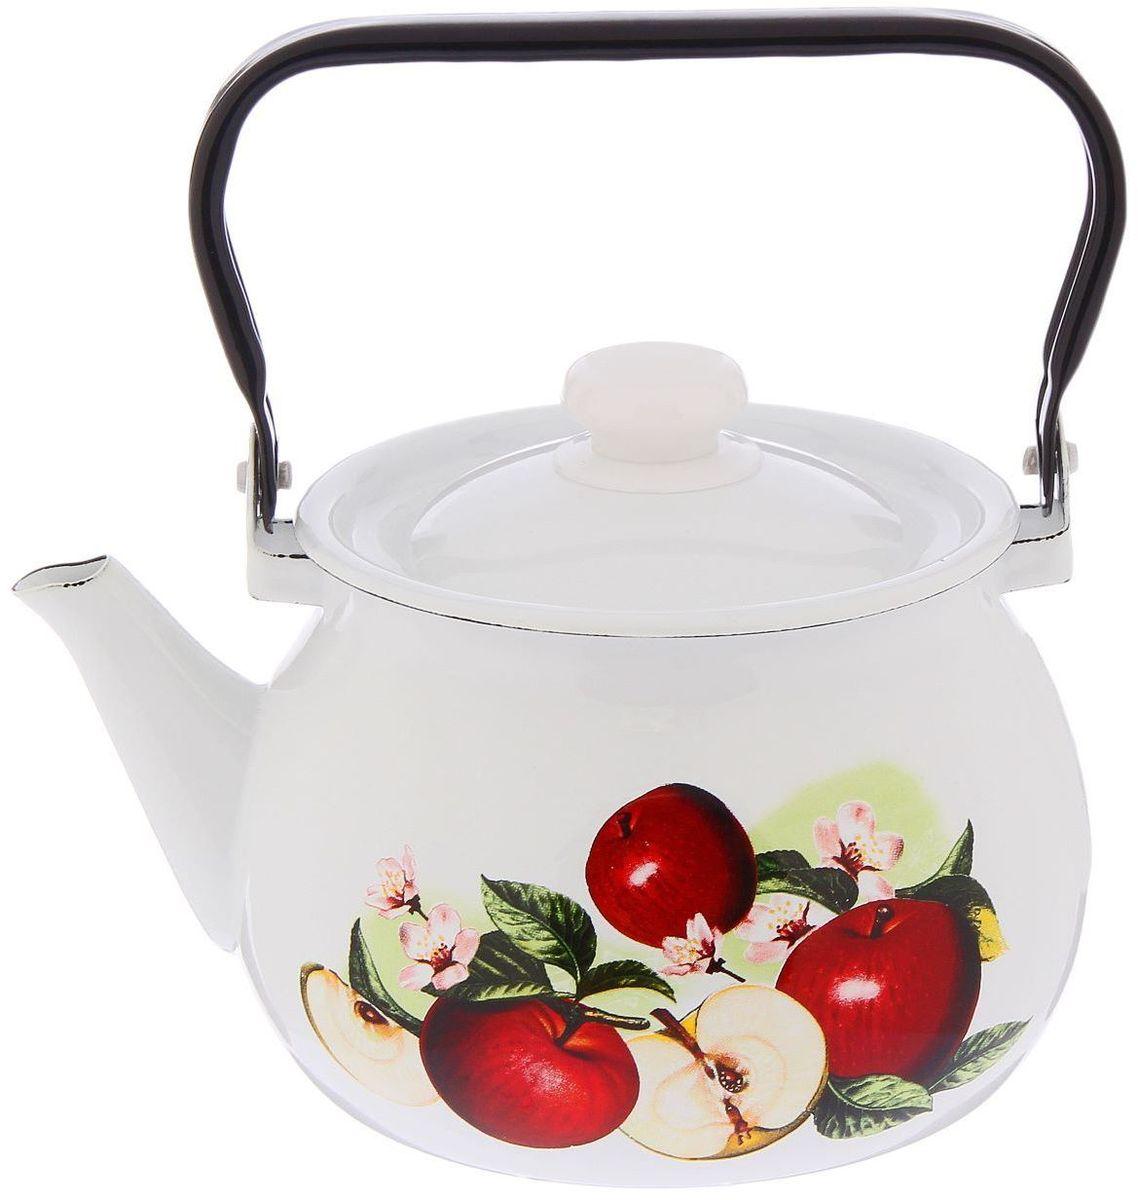 Чайник эмалированный Epos Ароматный, 2 лVT-1520(SR)Чайник Epos Ароматный выполнен из высококачественной стали с эмалированным покрытием. Поверхность чайникагладкая, что облегчает уход за ним. Большой объемпозволит приготовить напиток для всей семьи илинебольшой компании. Эстетичный и функциональный чайник будеторигинально смотреться в любом интерьере. Душевная атмосфера и со вкусом накрытый стол всегда будут собирать в вашем доме близких и друзей.Чайник подходит для использования на всех типах плит,включая индукционные. Объем: 2 л.